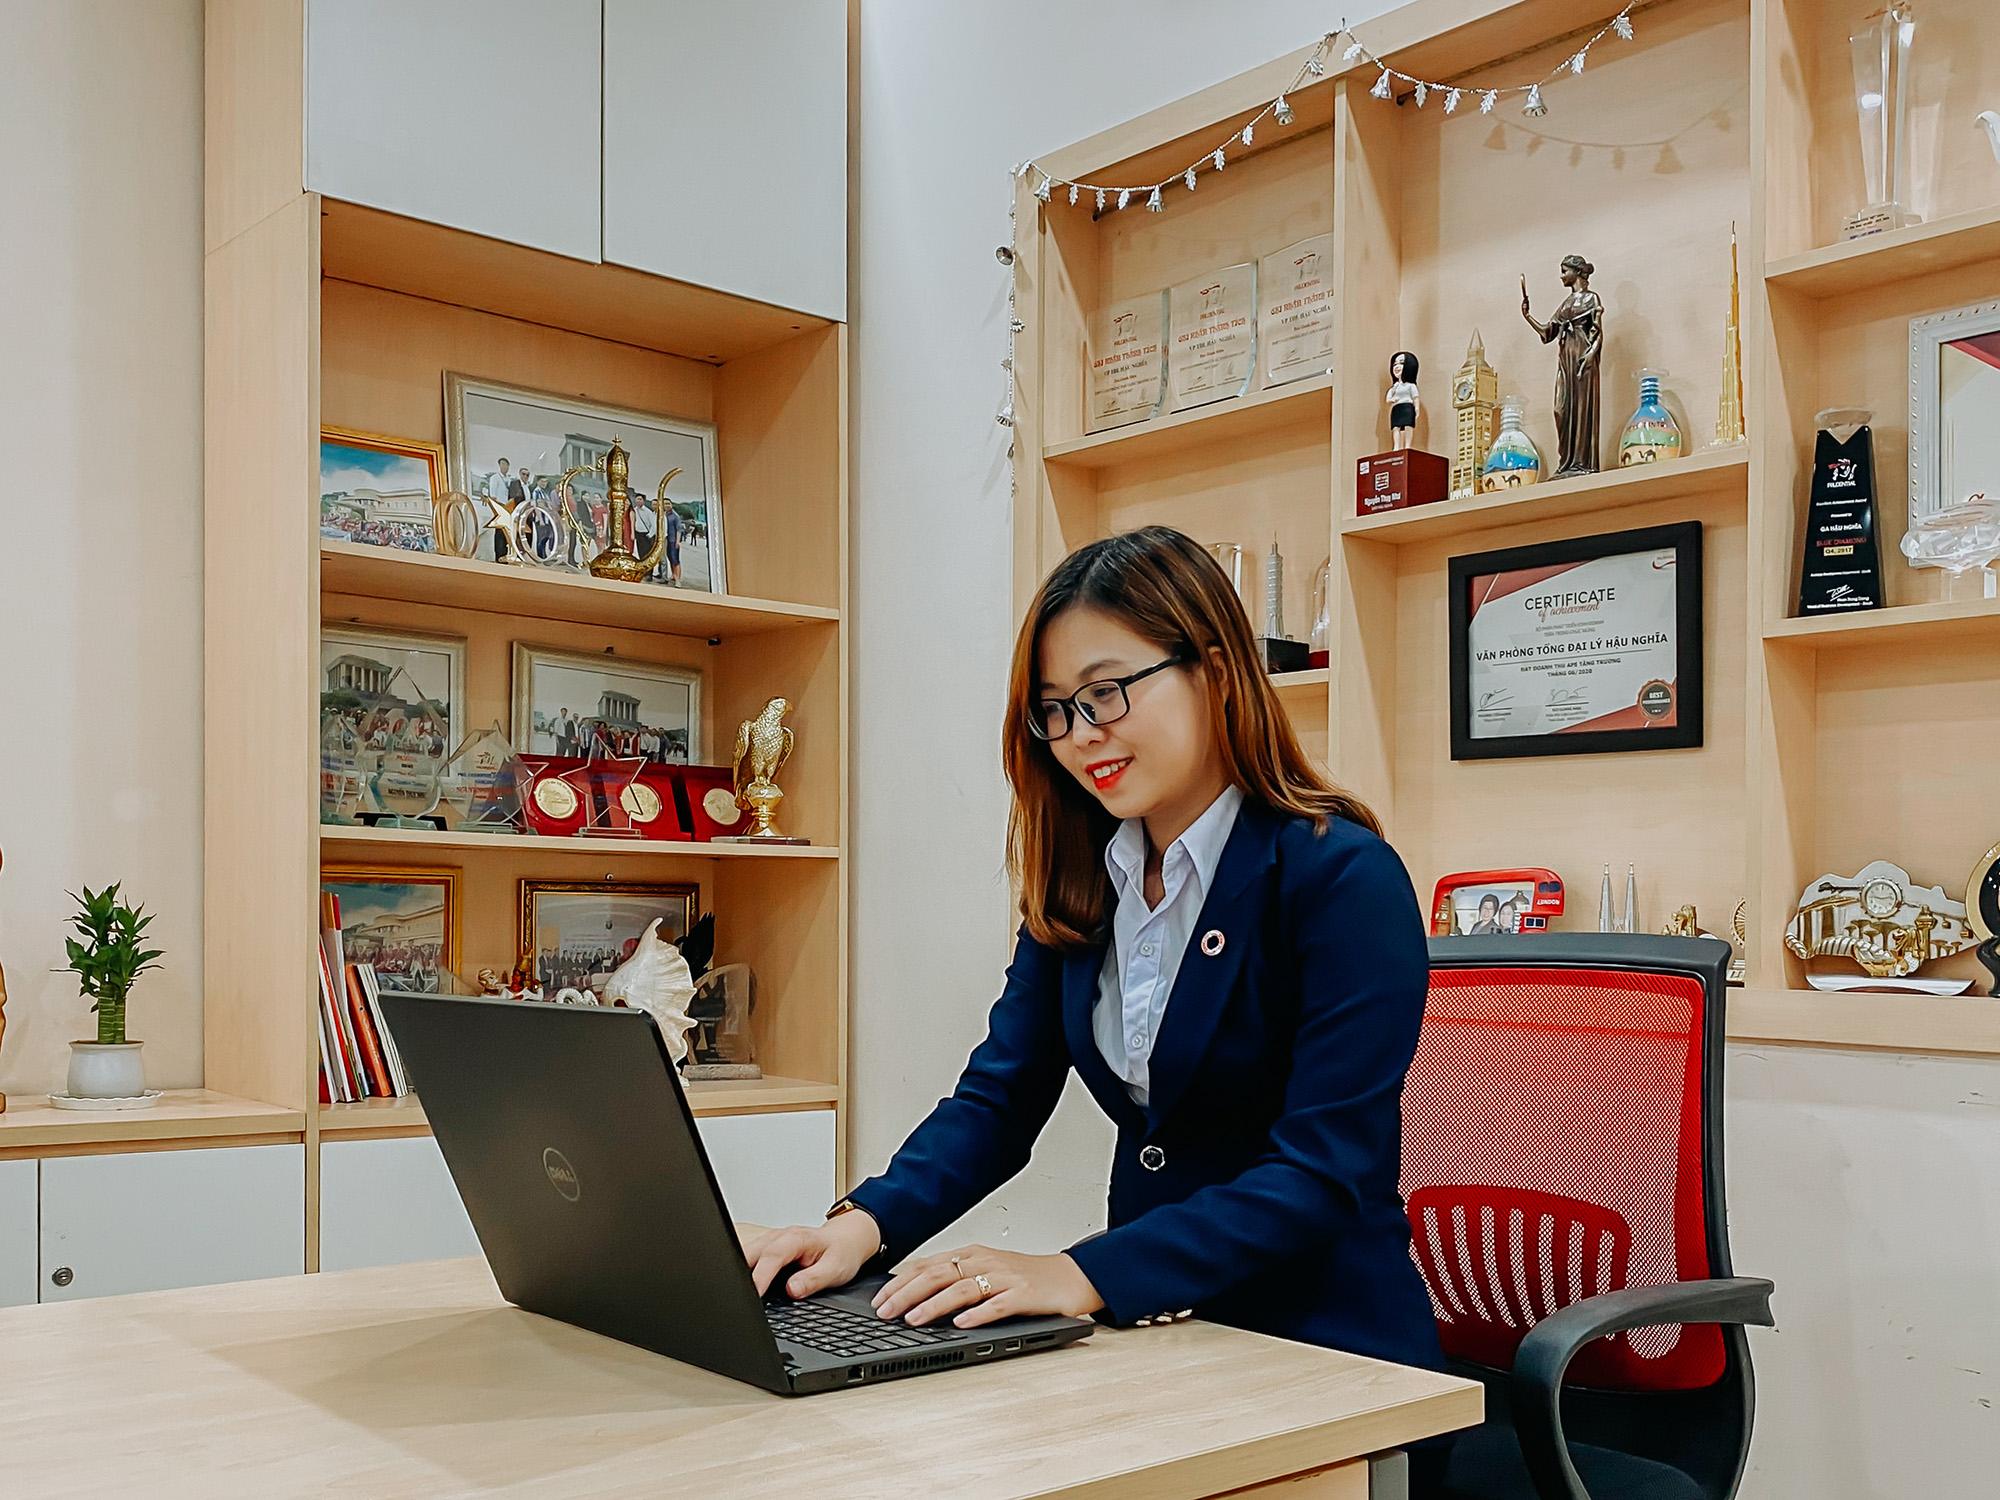 Chị Trần Hoàng Phi Yến quan niệm tư vấn bảo hiểm là hành trình đòi hỏi sự tận tâm, chân thành khi đồng hành lâu dài với khách hàng.